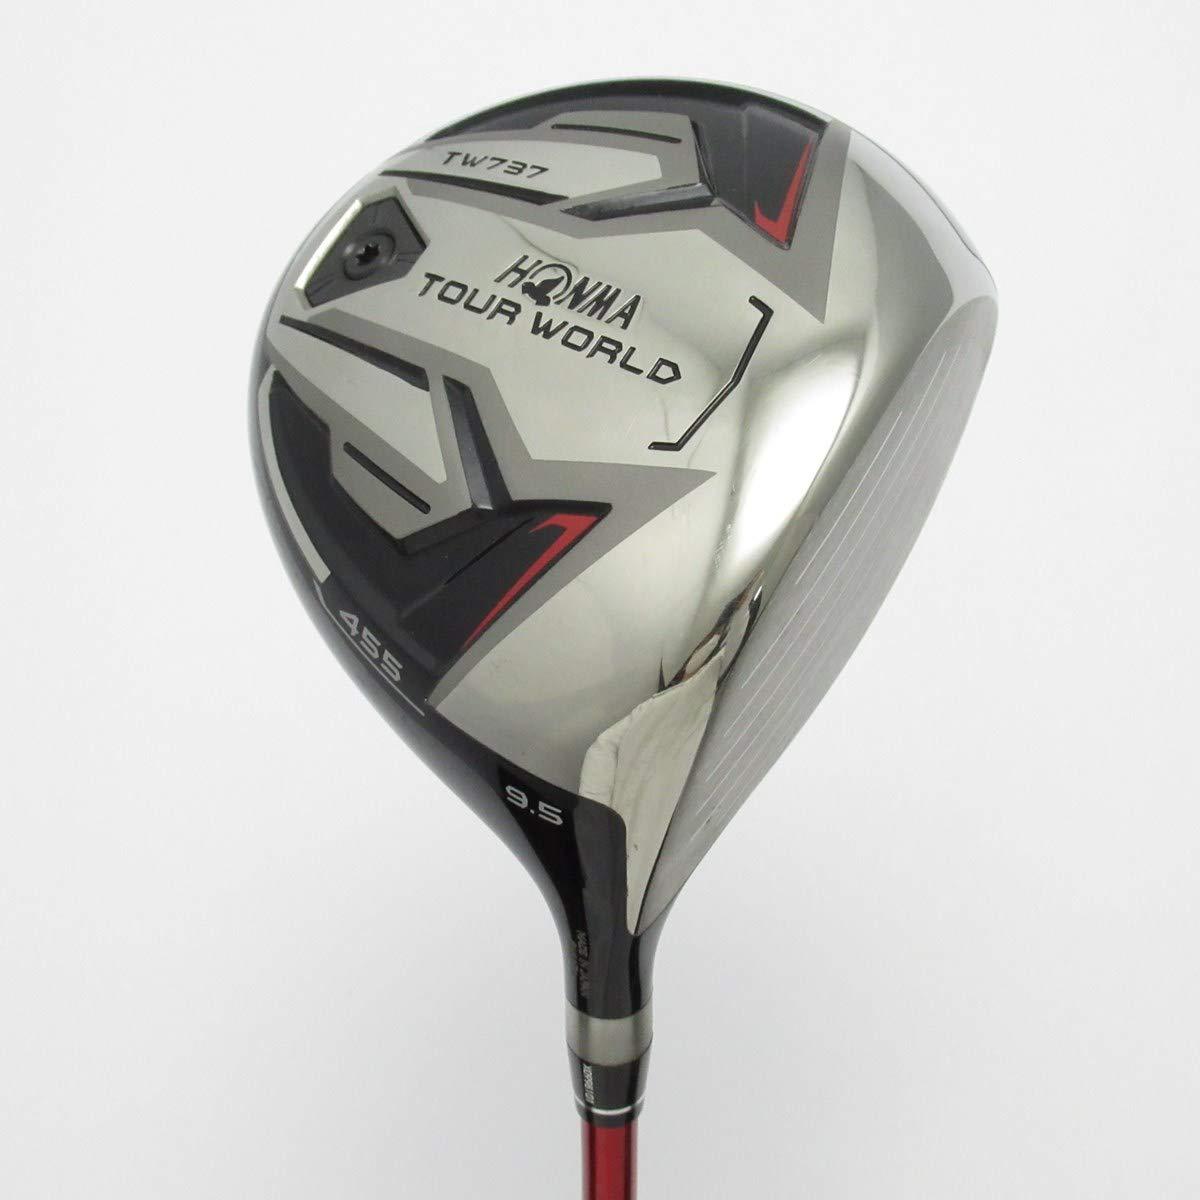 【中古】本間ゴルフ TOUR WORLD ツアーワールド TW737 455 ドライバー VIZARD EX-C65 S  B07QYH8HTK